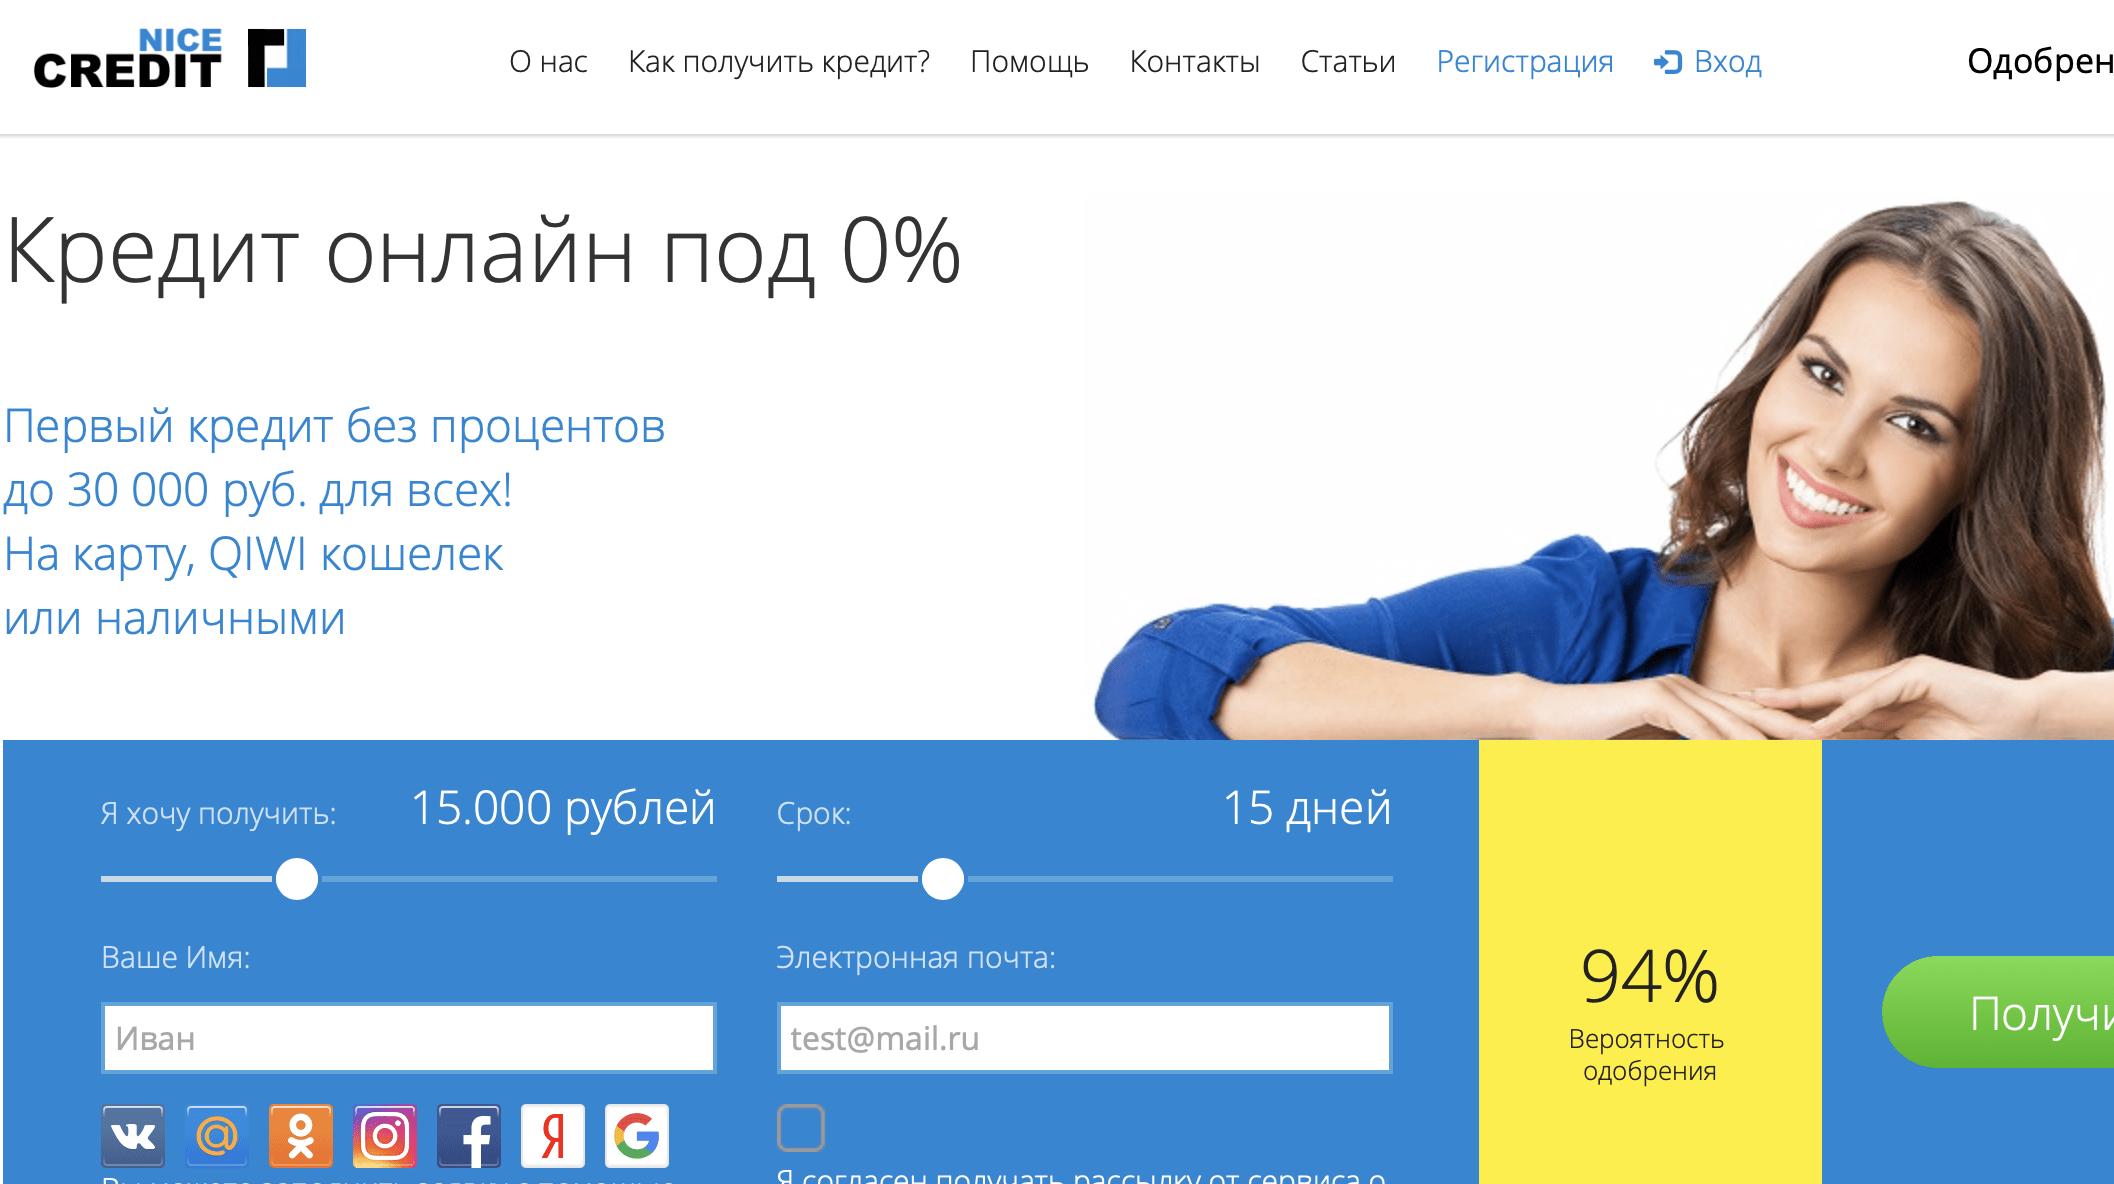 Официальный сайт кредит найс